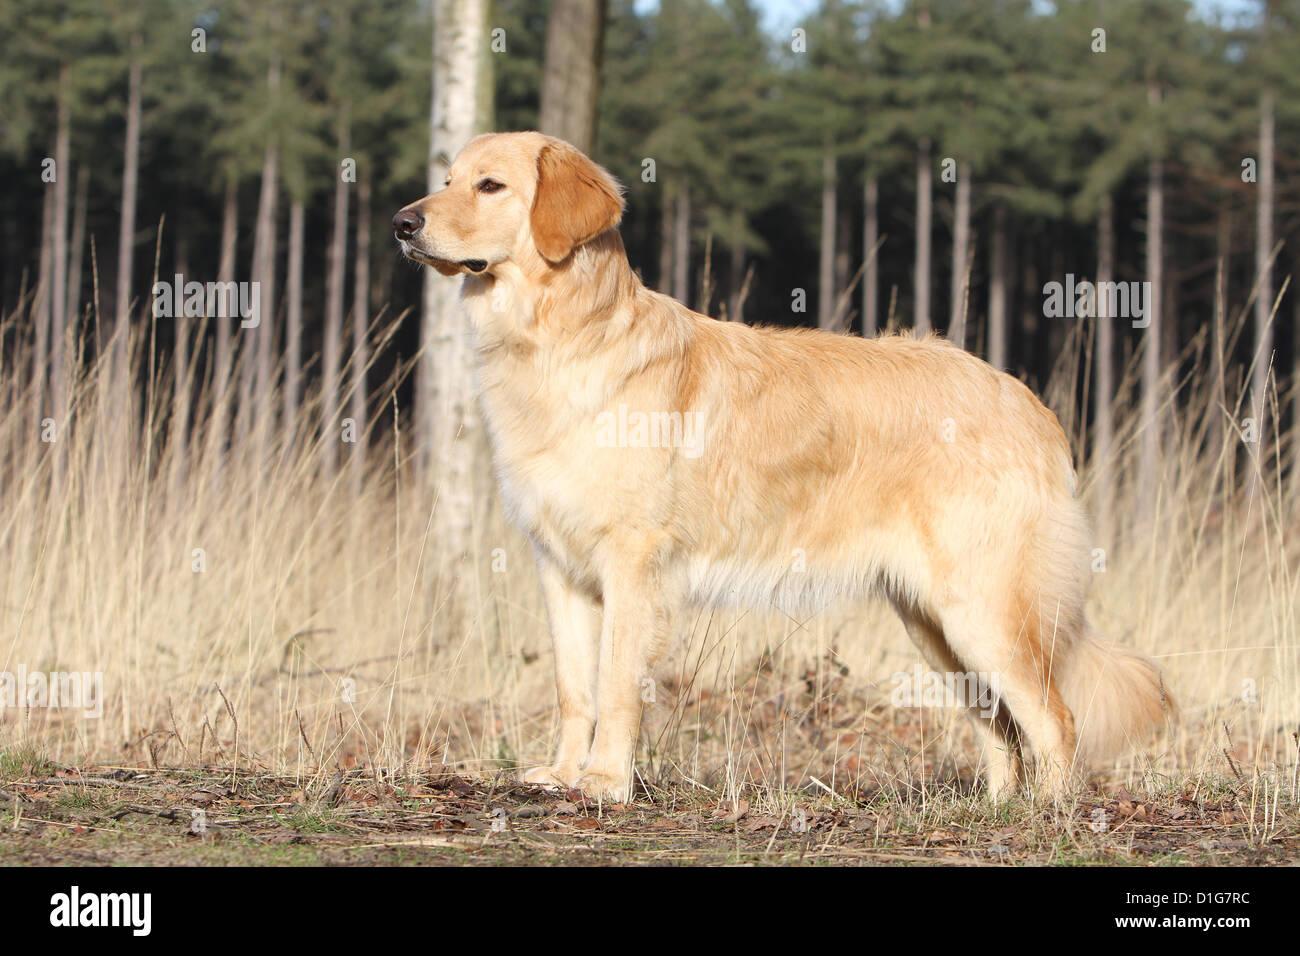 Hund Hovawart blond Erwachsenen stehen natürliche Standard Profil Stockbild